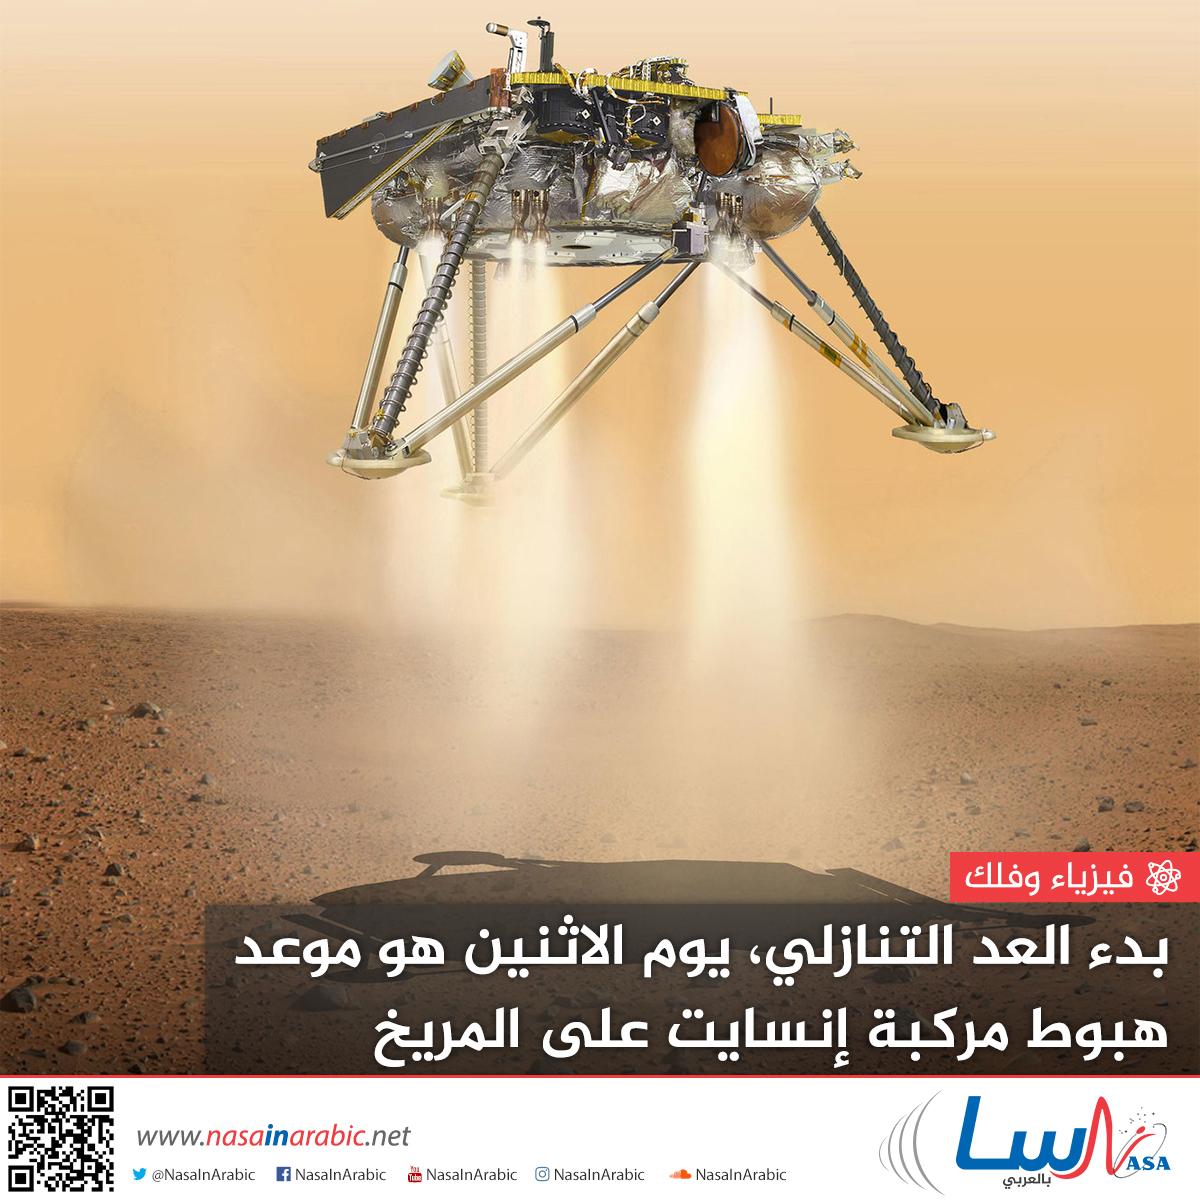 بدء العد التنازلي، يوم الإثنين هو موعد هبوط مركبة إنسايت على المريخ